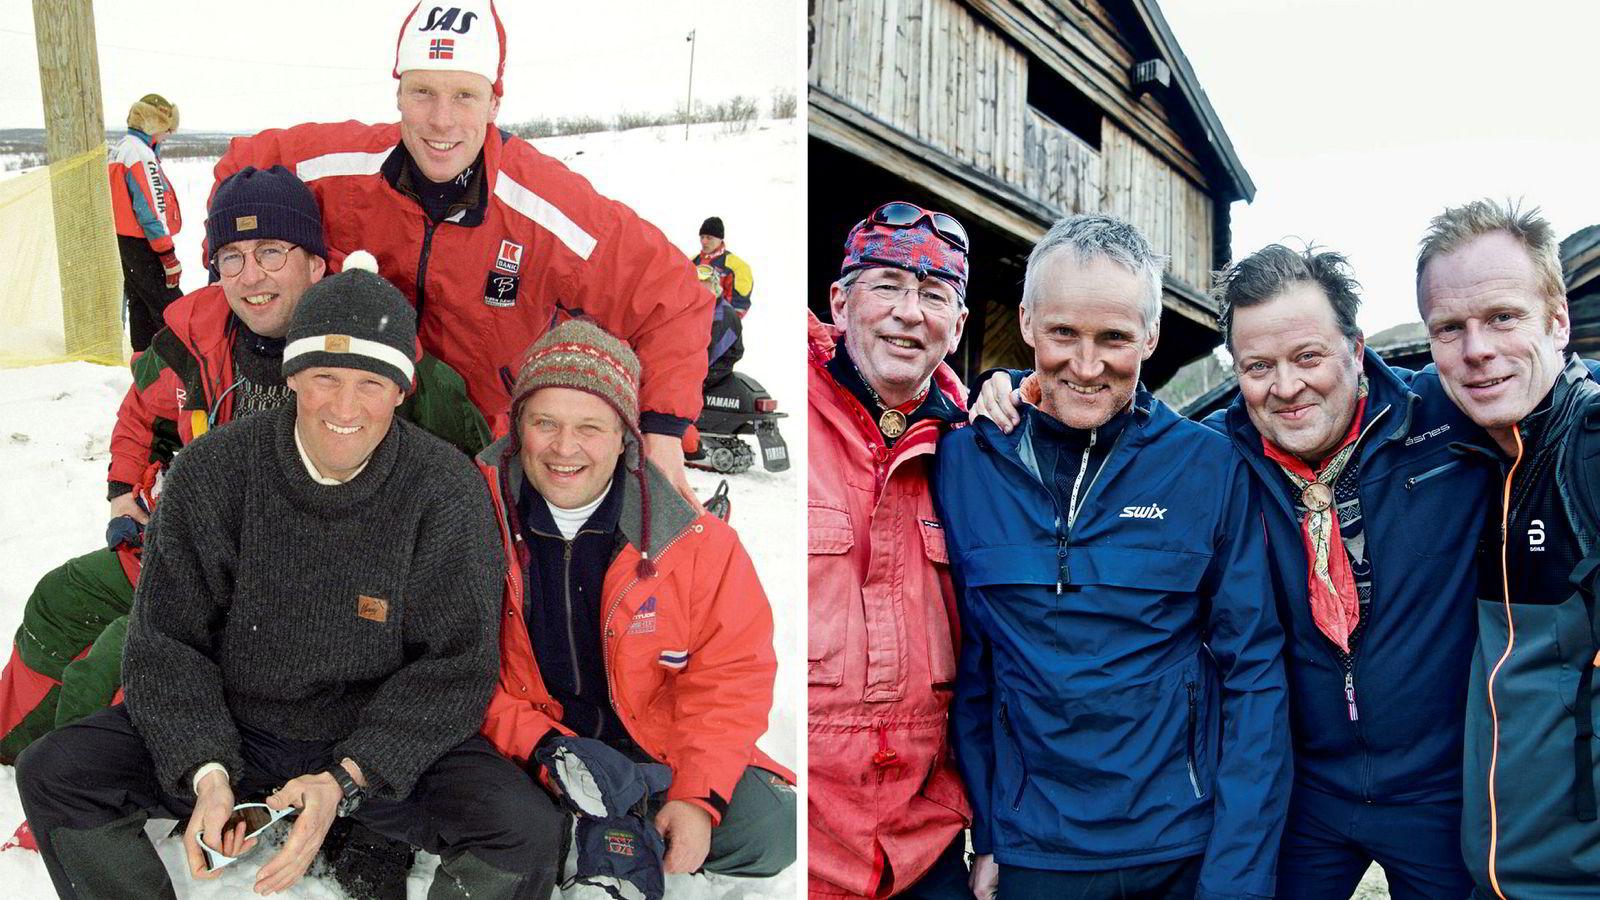 Denne høsten er «Gutta på tur» med Arne Brimi, Arne Hjeltnes, Vegard Ulvang og Bjørn Dæhlie tilbake på skjermen for tiende gang. Her er gutta i Davos i Sveits i 1996, ett år etter at tv-programmet hadde premiere, og under nye opptak i 2017.